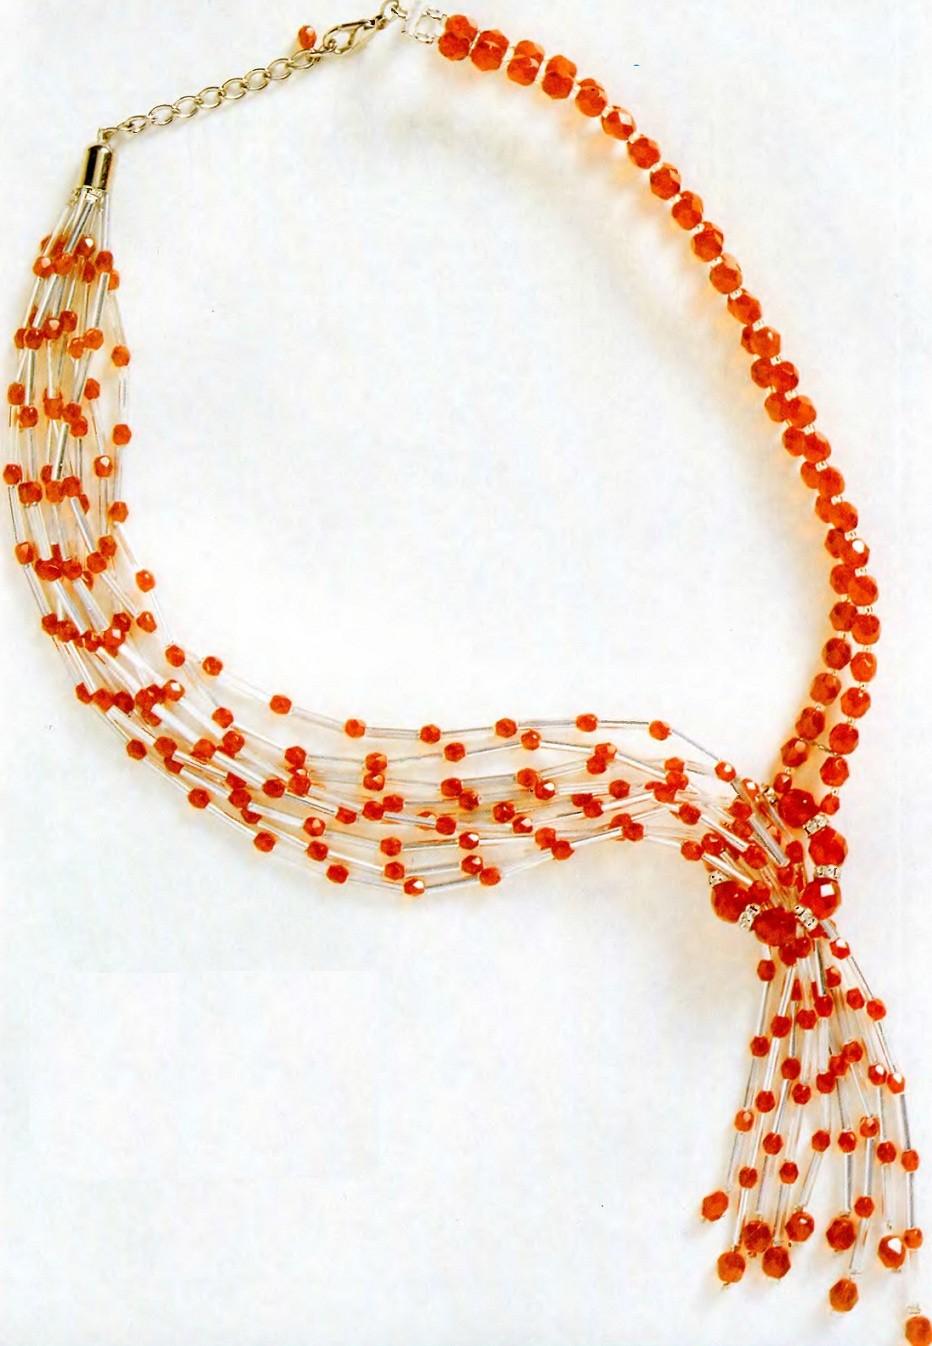 Плетенные из бисера украшения предпочитают женщины, которые глубоко в душе считают, что опоздали с рождением в этом...